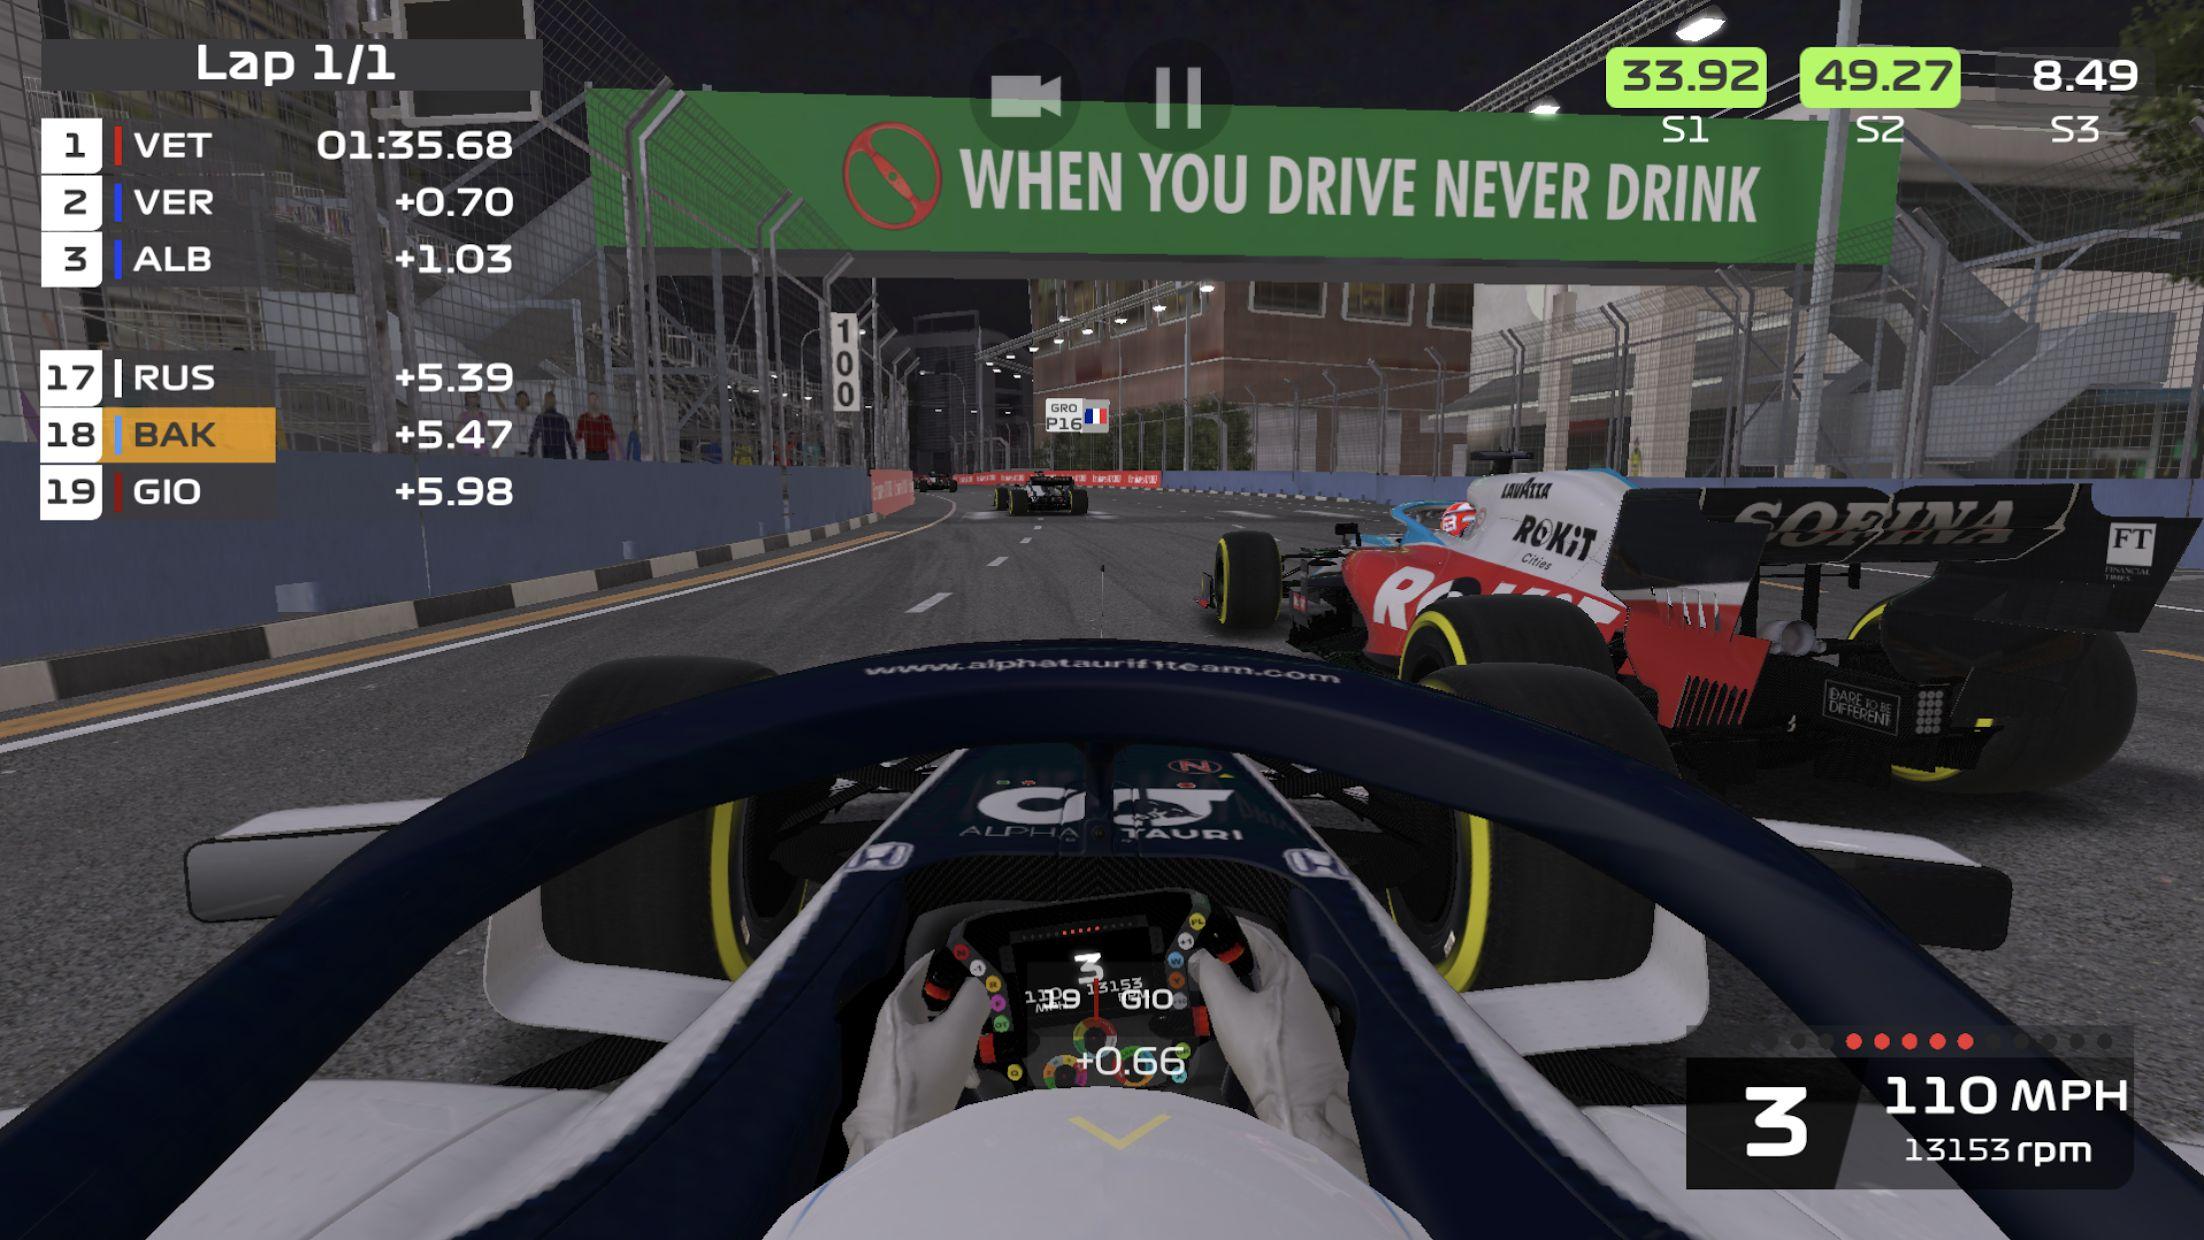 F1 移动赛车 游戏截图5